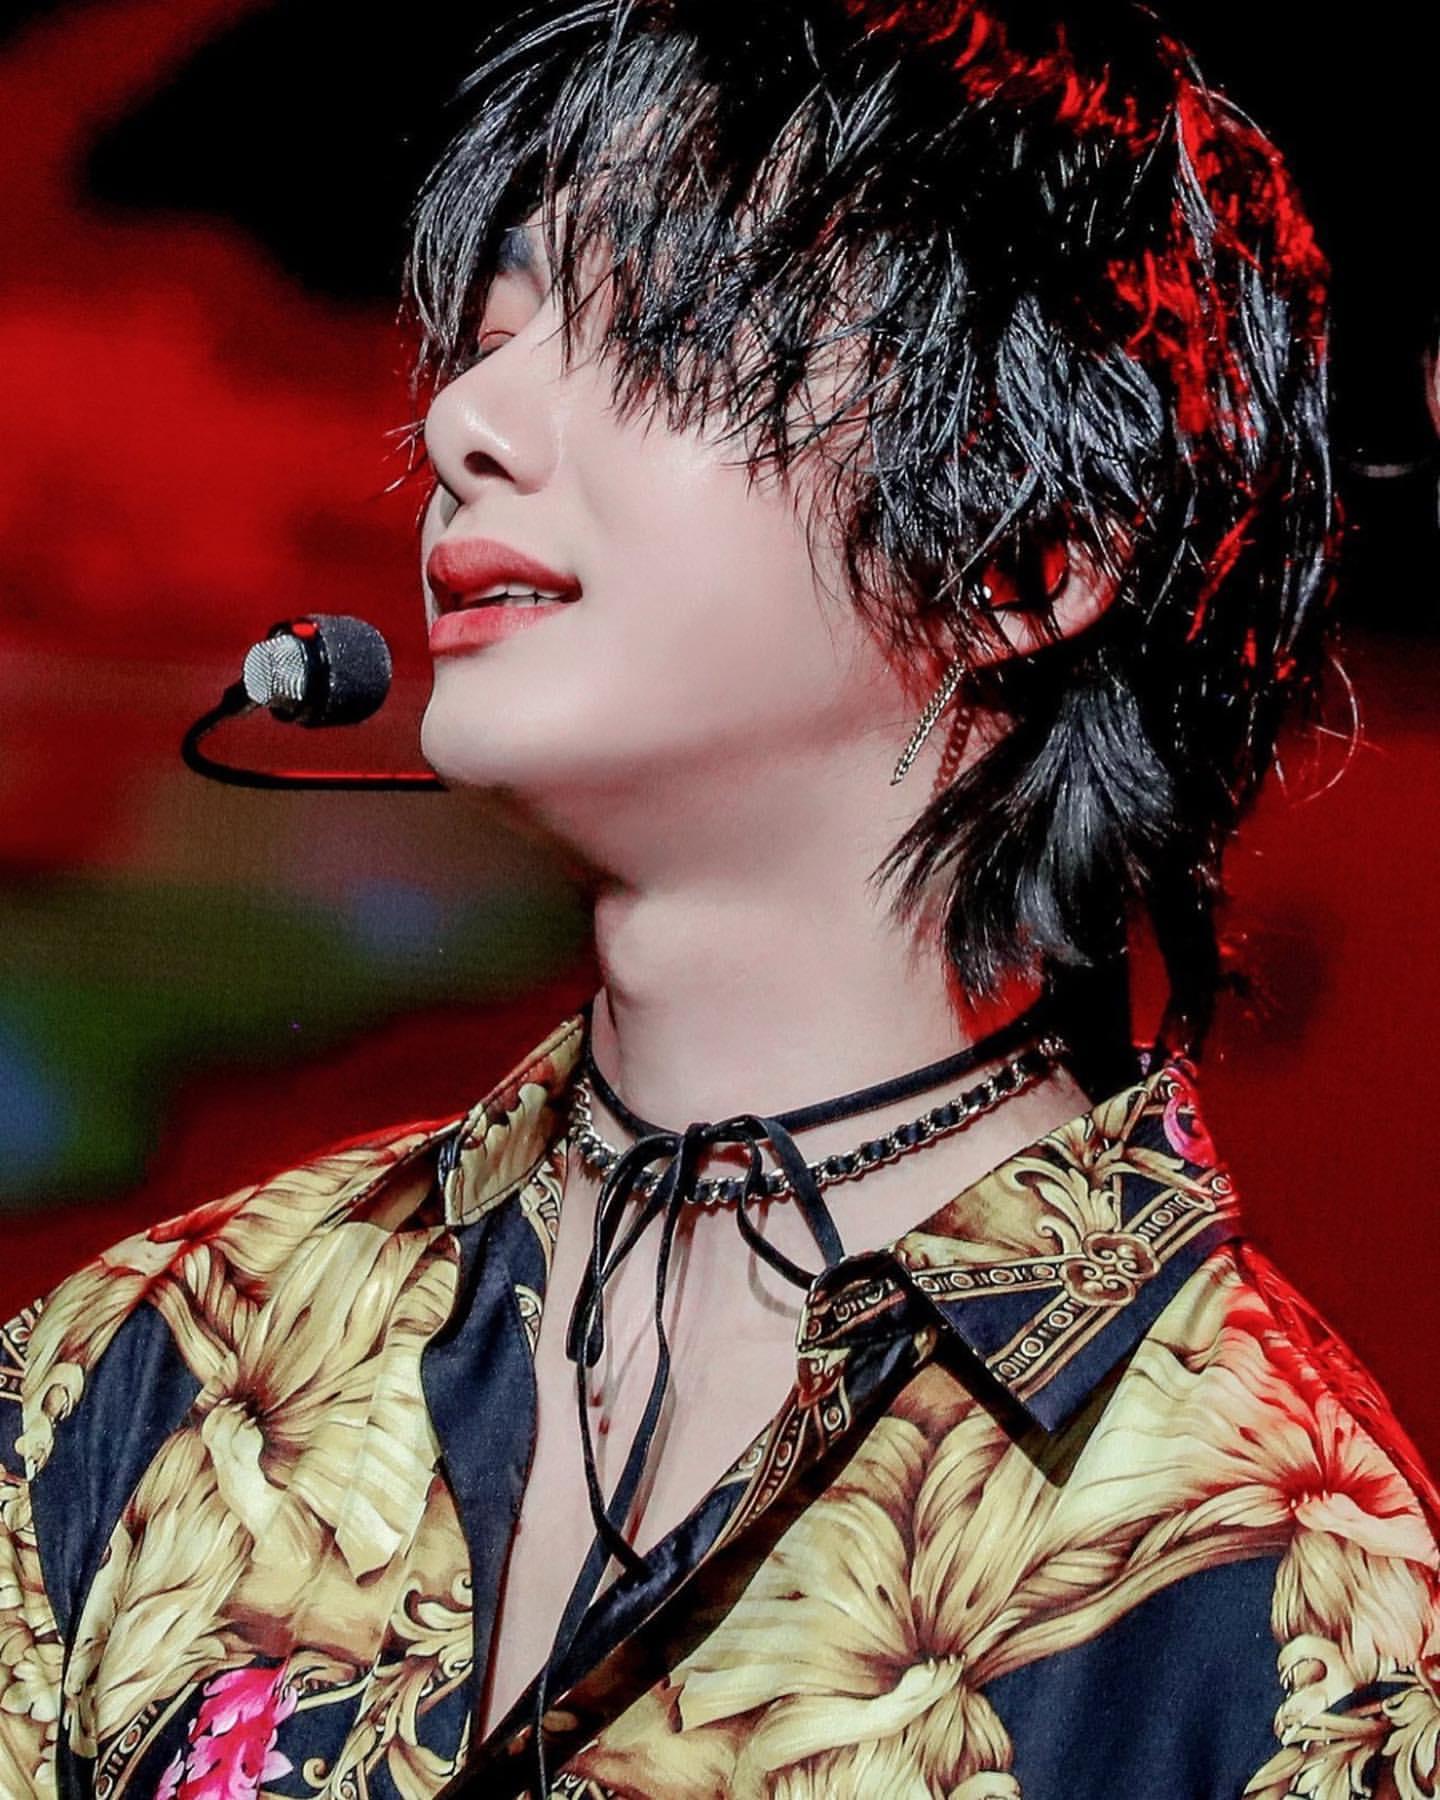 hyungwon 13